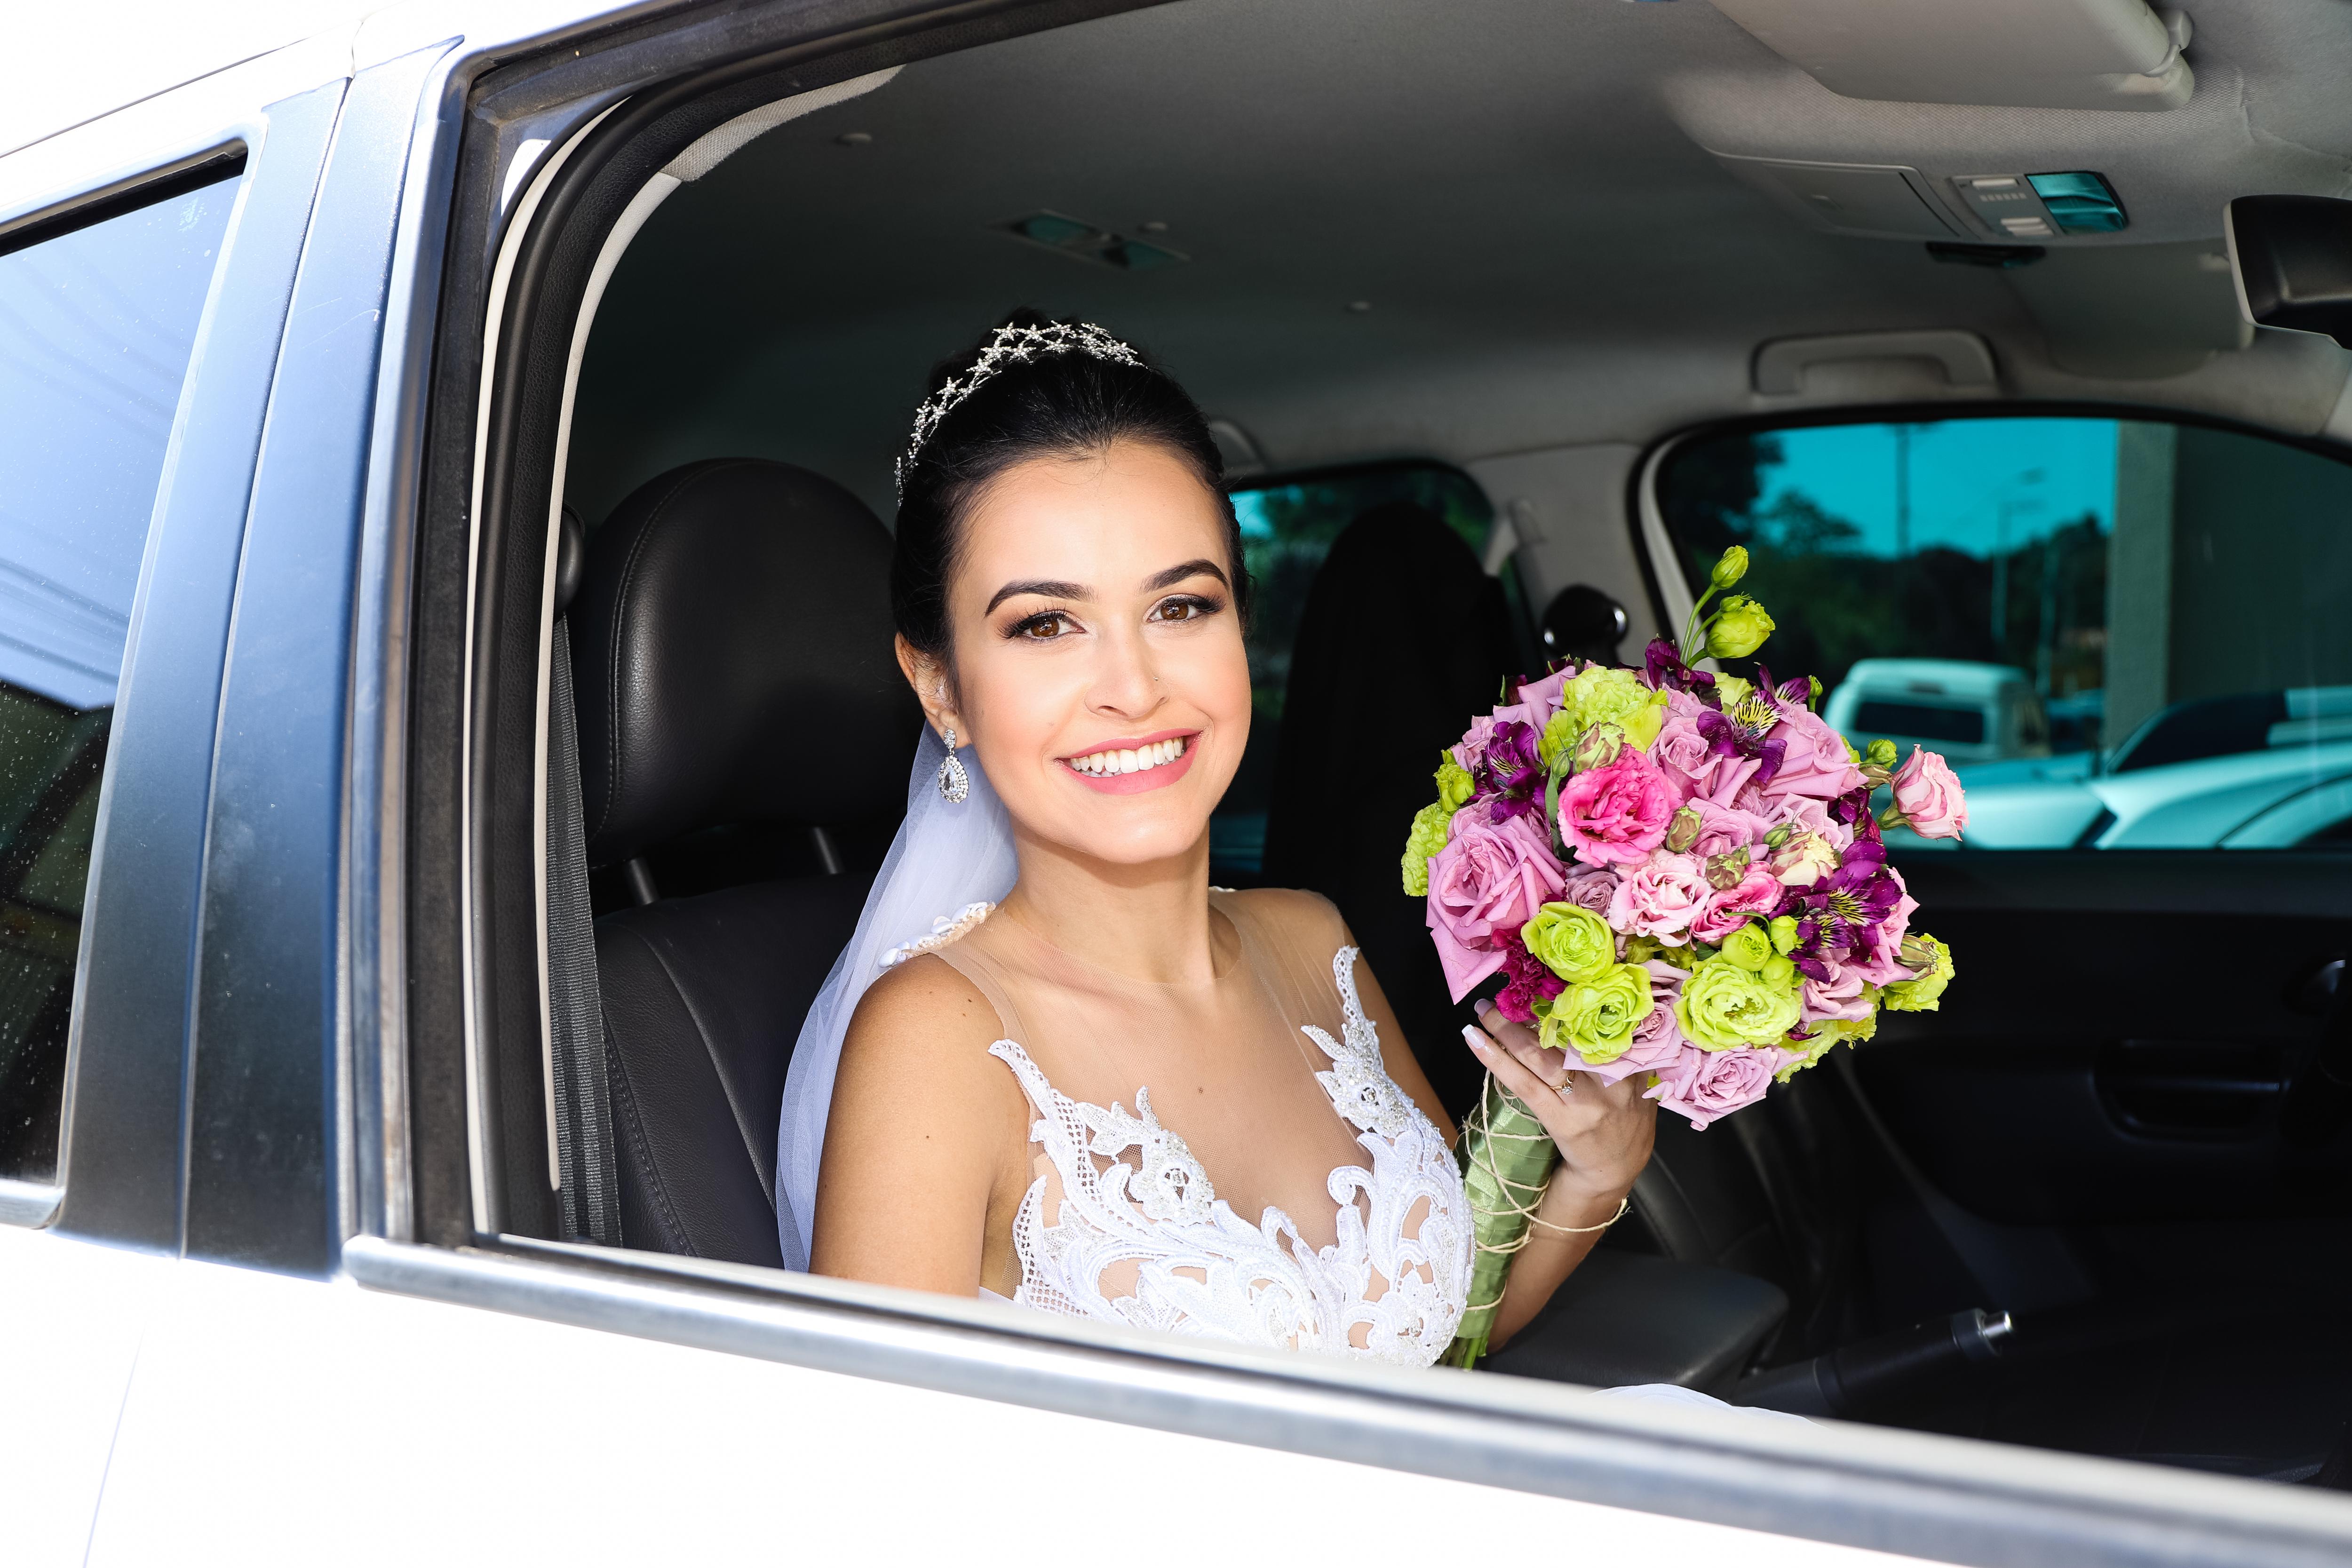 Contate Fotografia e Filmagem de casamentos